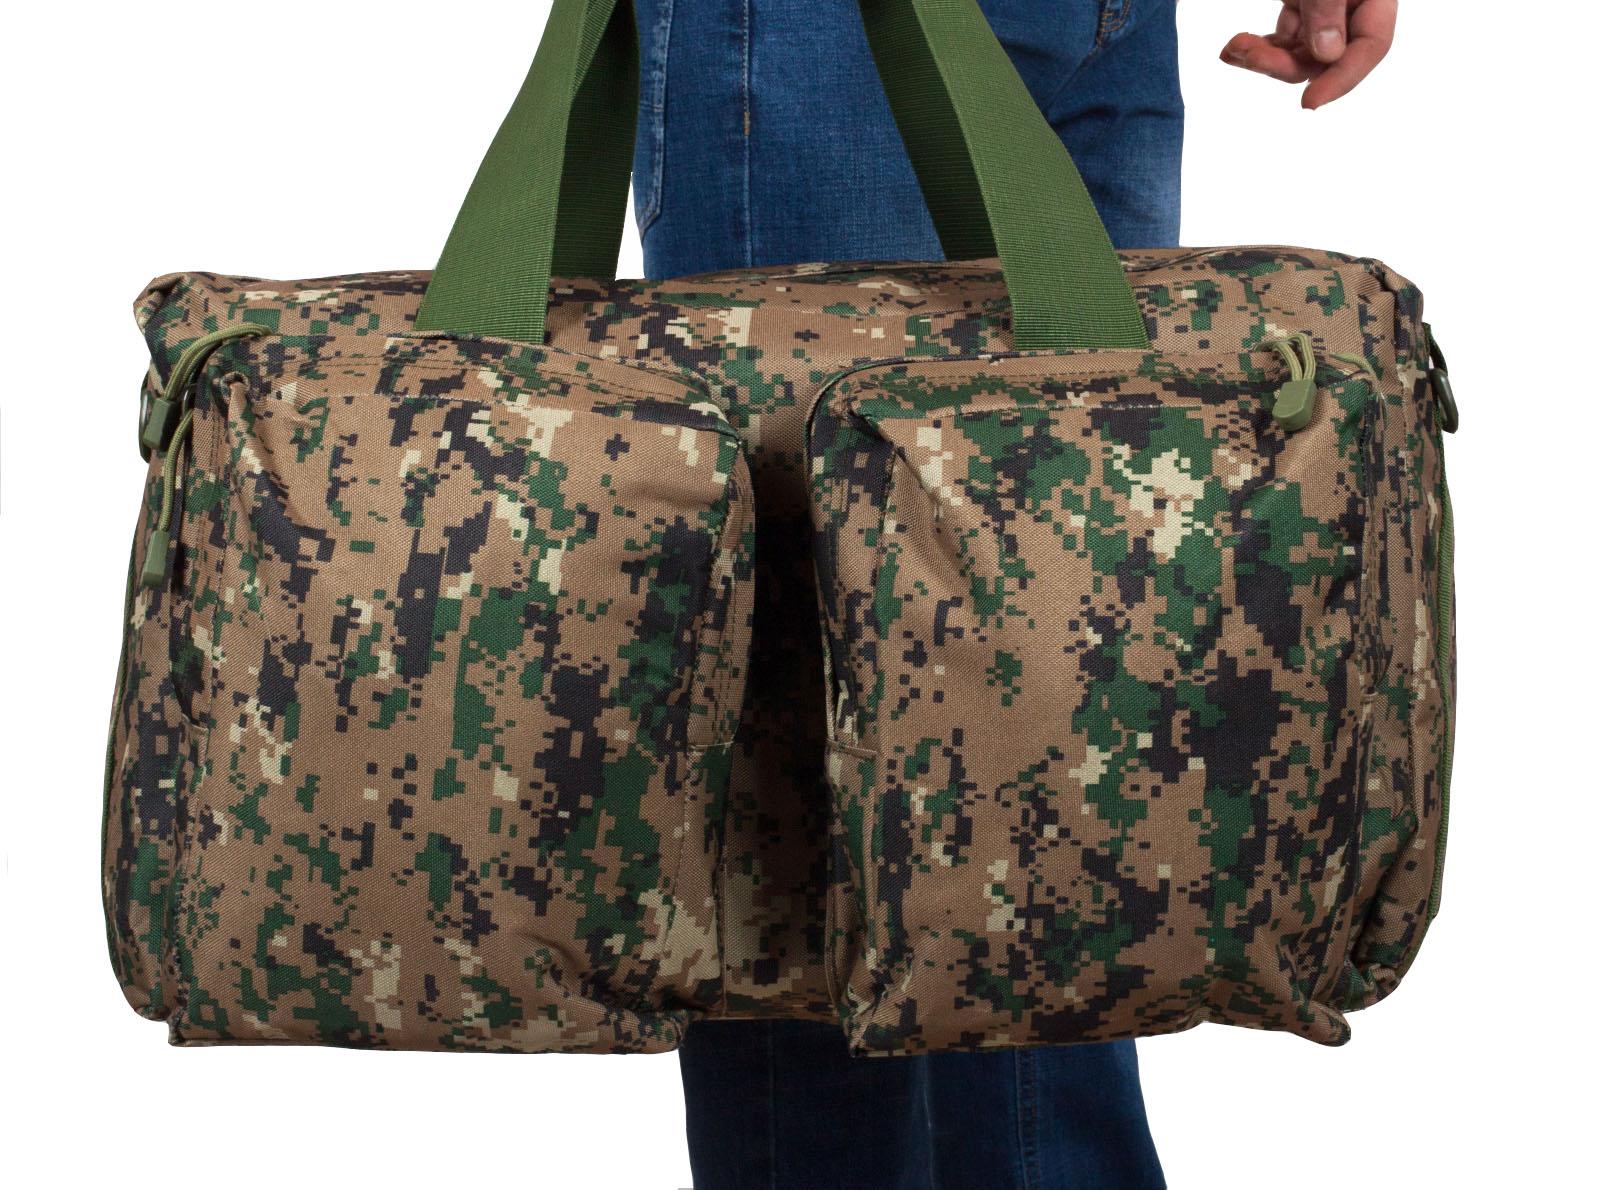 Заплечная тактическая сумка-баул ДПС